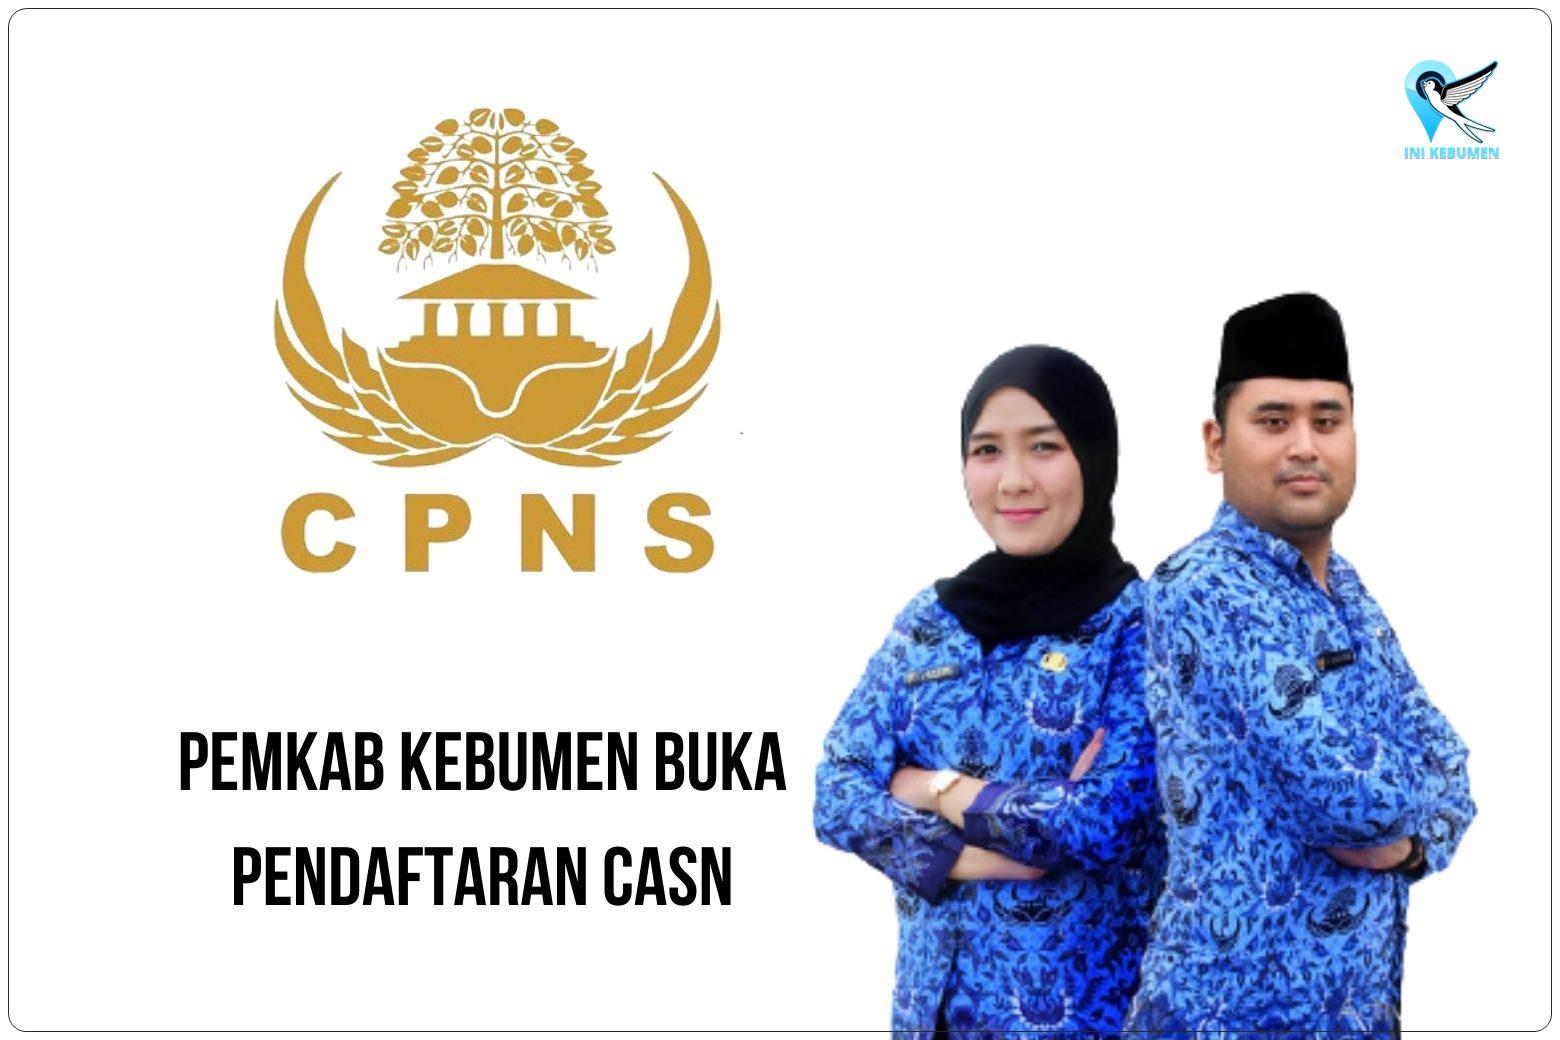 Pemkab Kebumen Buka 2.503 Formasi CPNS dan PPPK, Ini Rinciannya